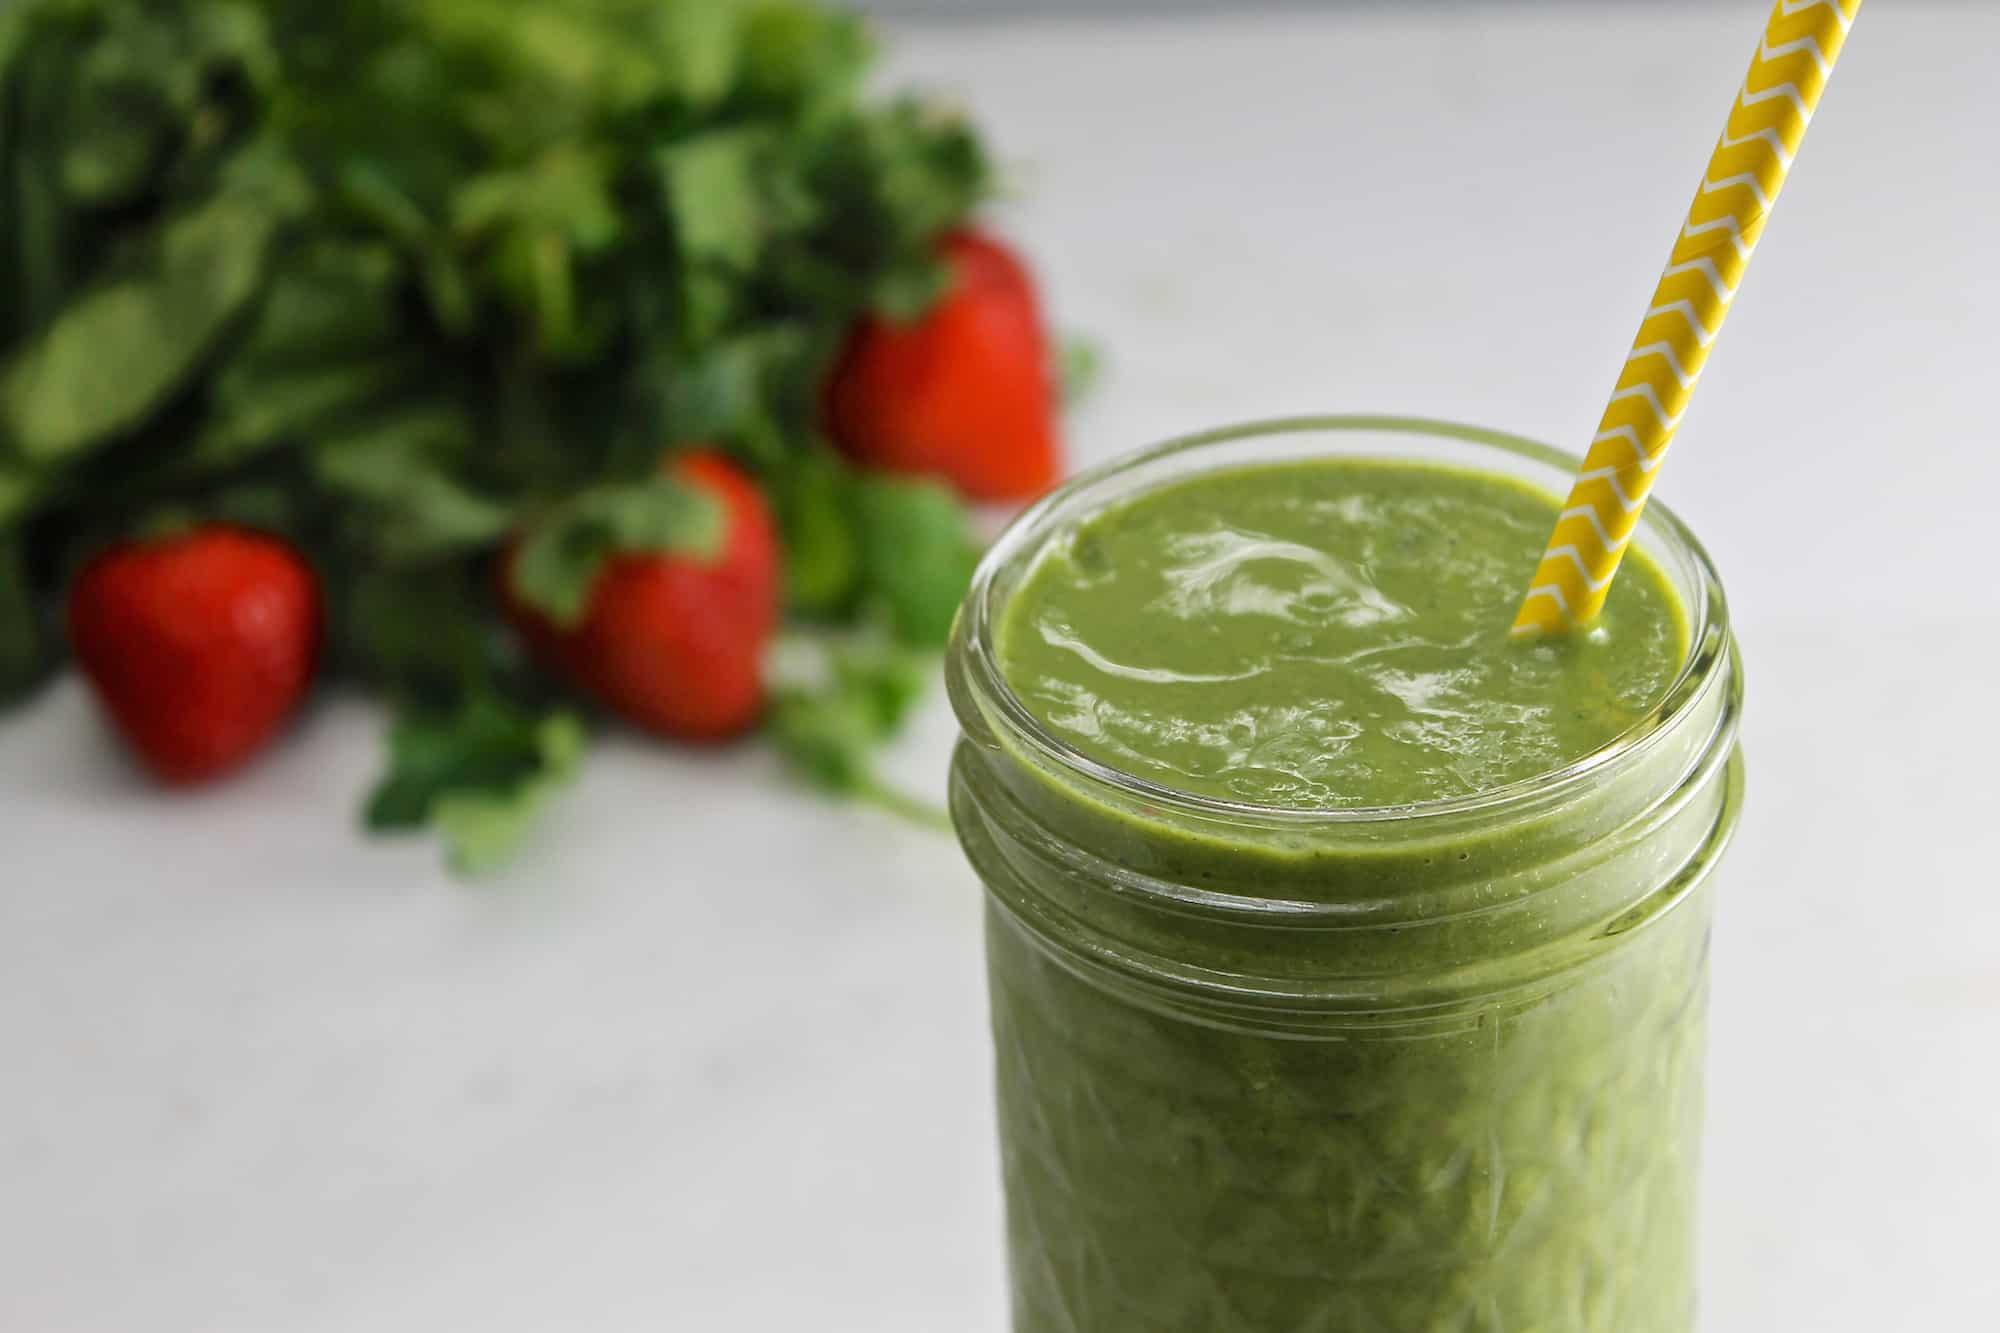 وصفة سهلة لتحضير مشروب الديتوكس الأخضر